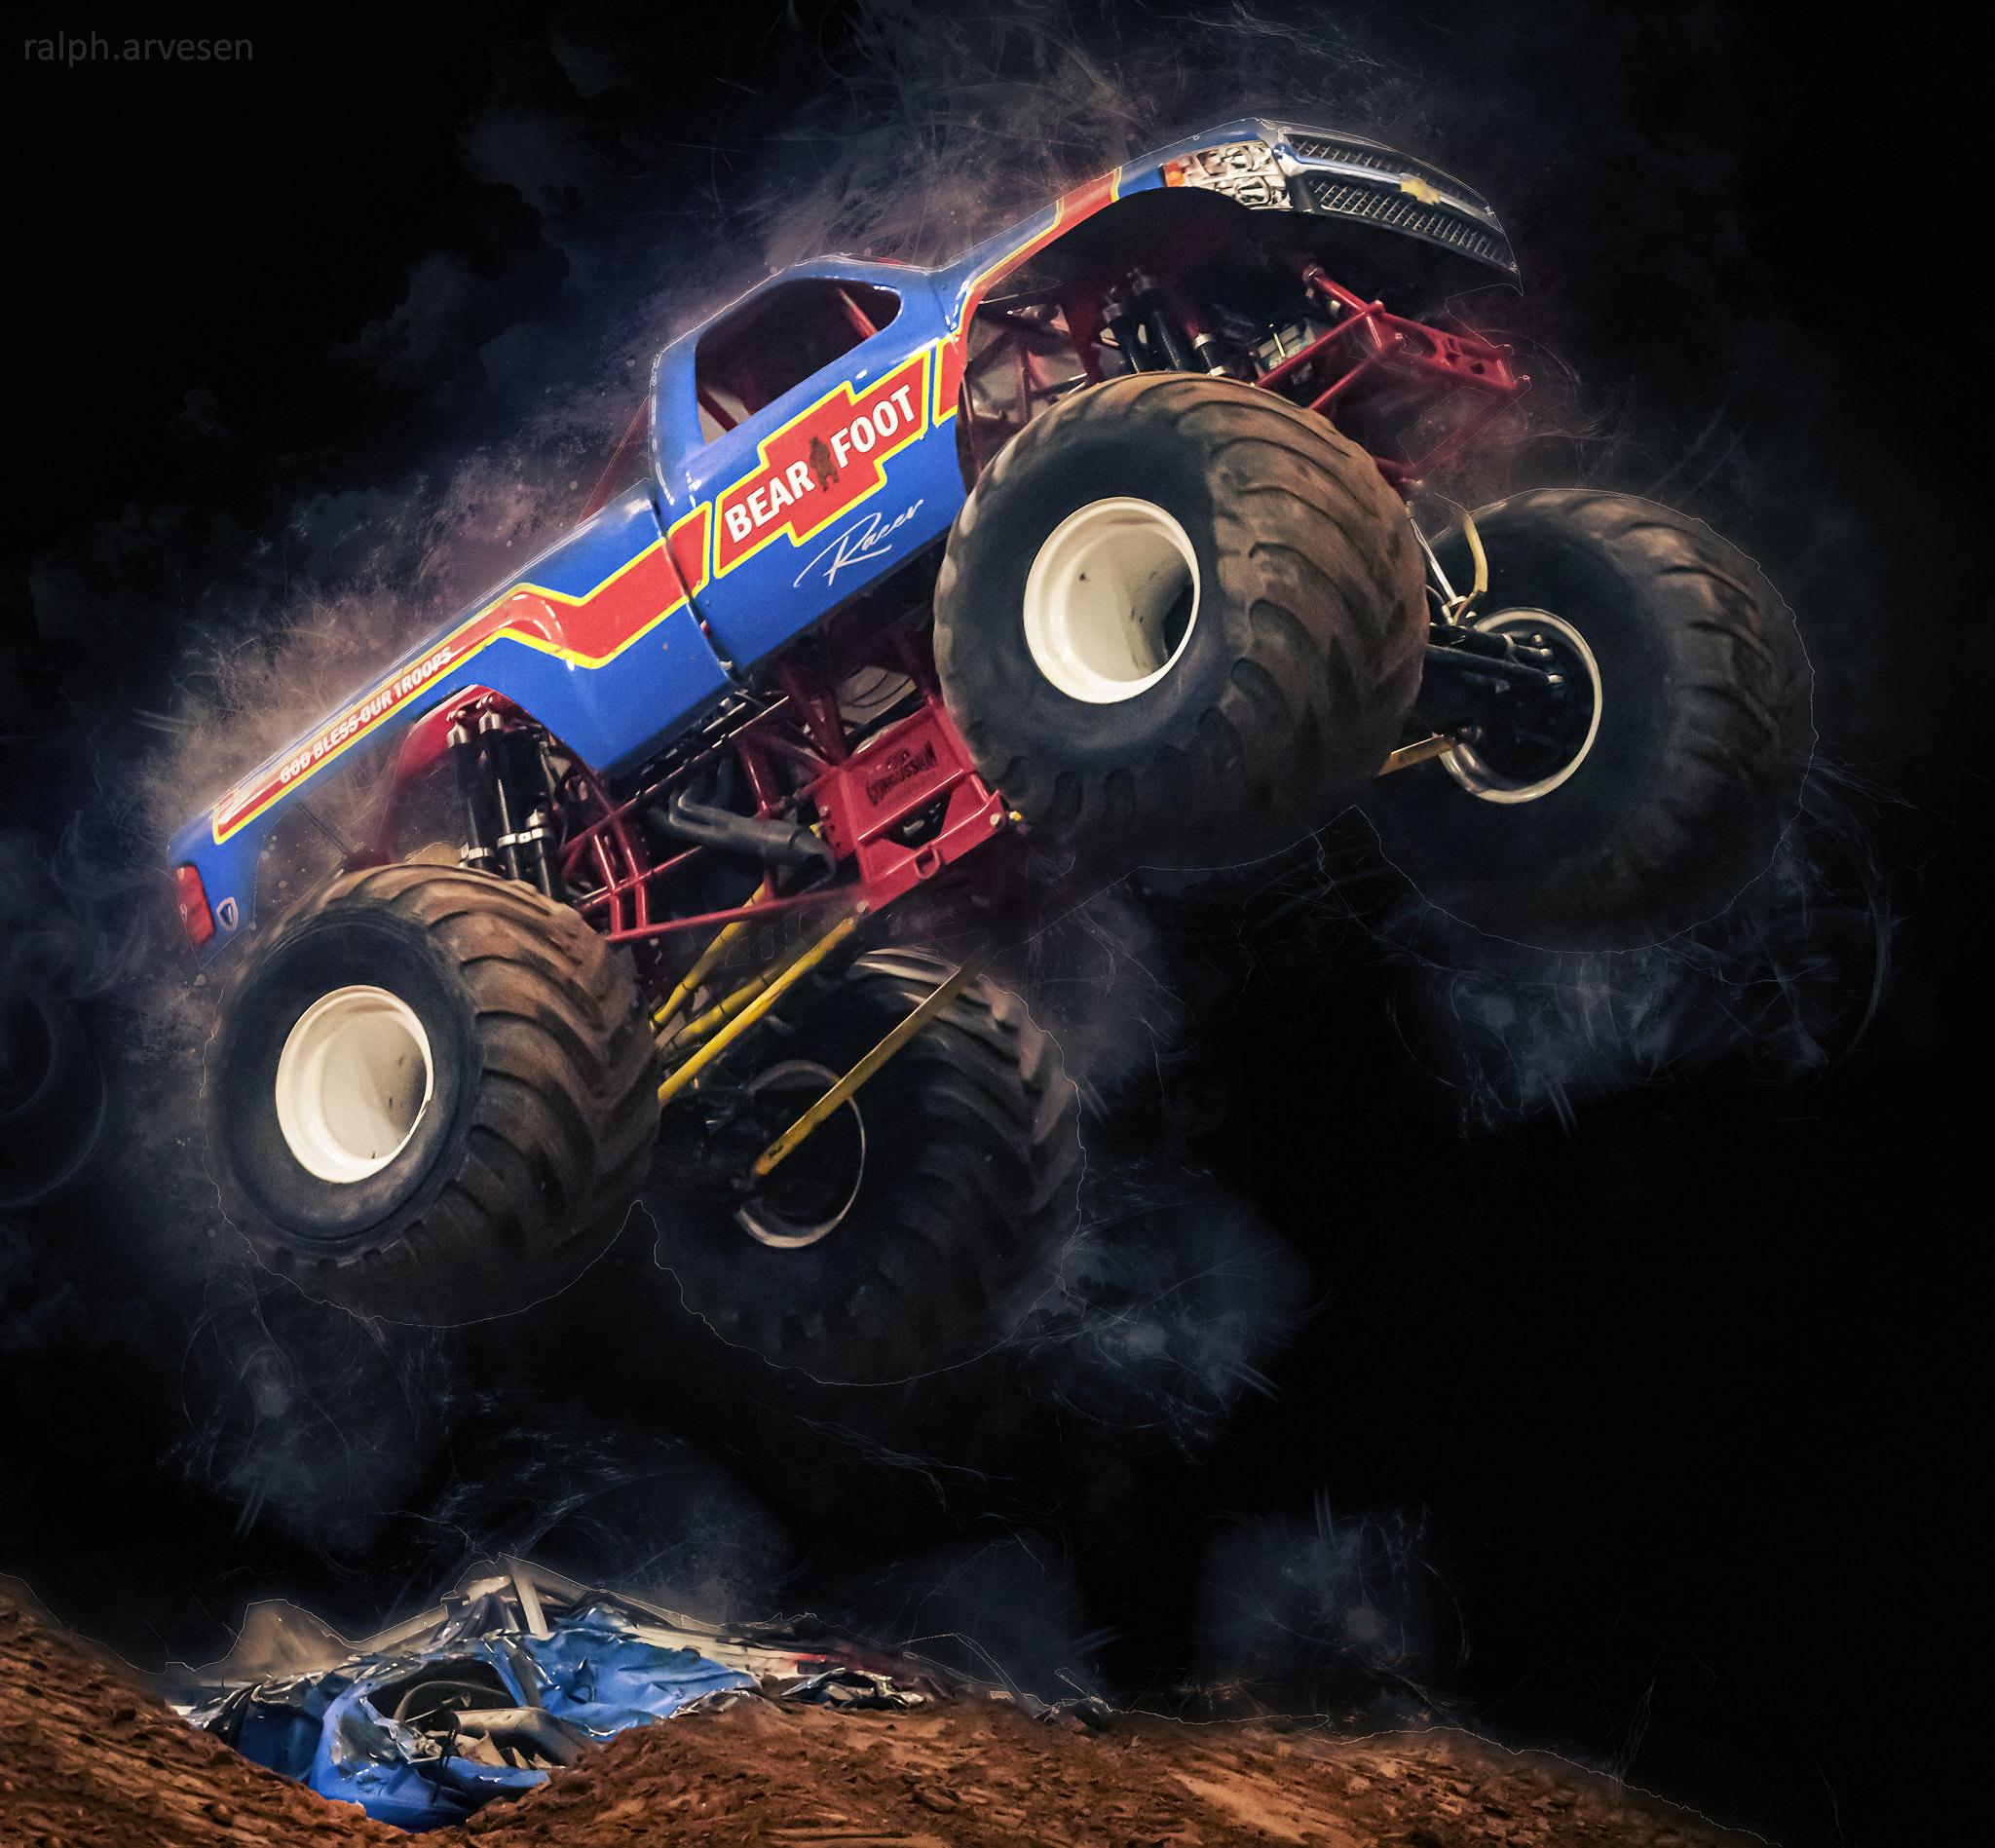 No Limits Monster Trucks   Texas Review   Ralph Arvesen